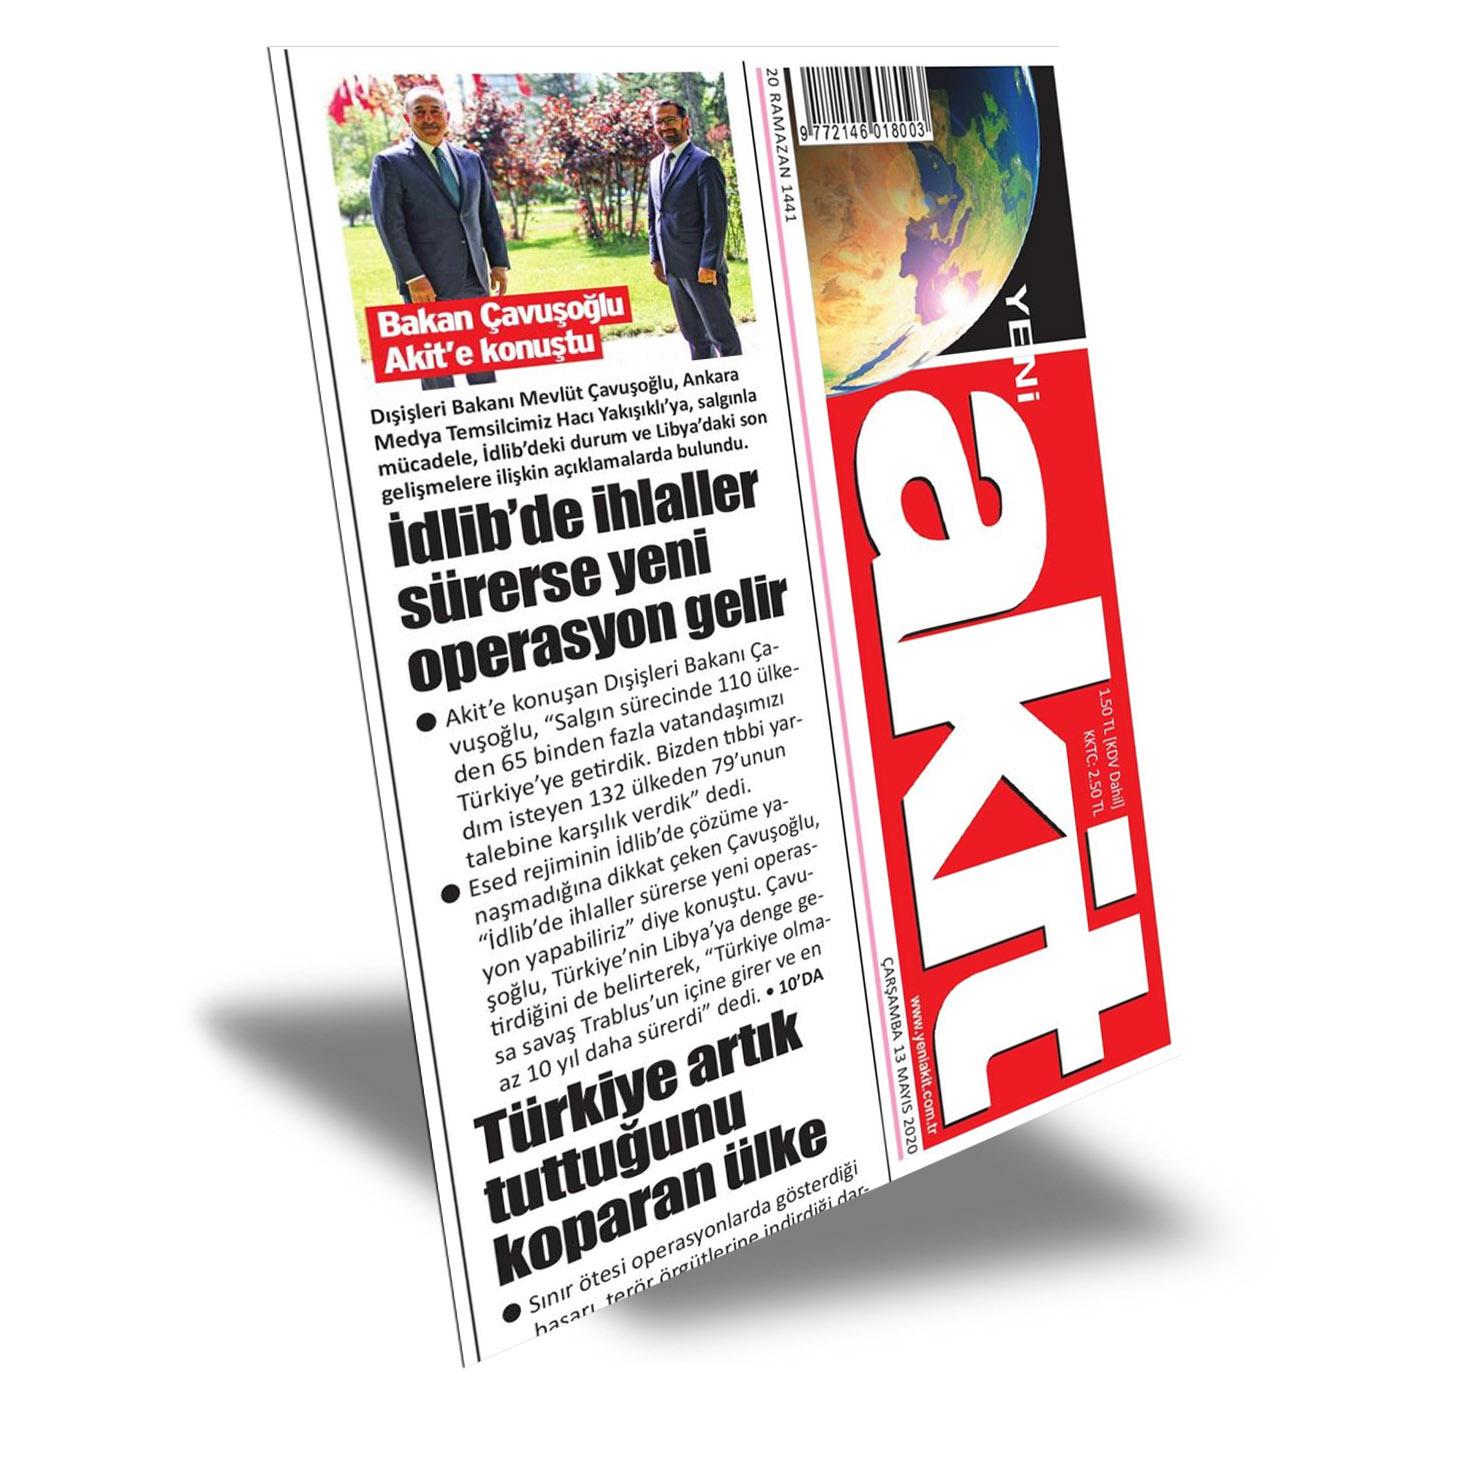 Чавушоглу дал интервью газете Акит